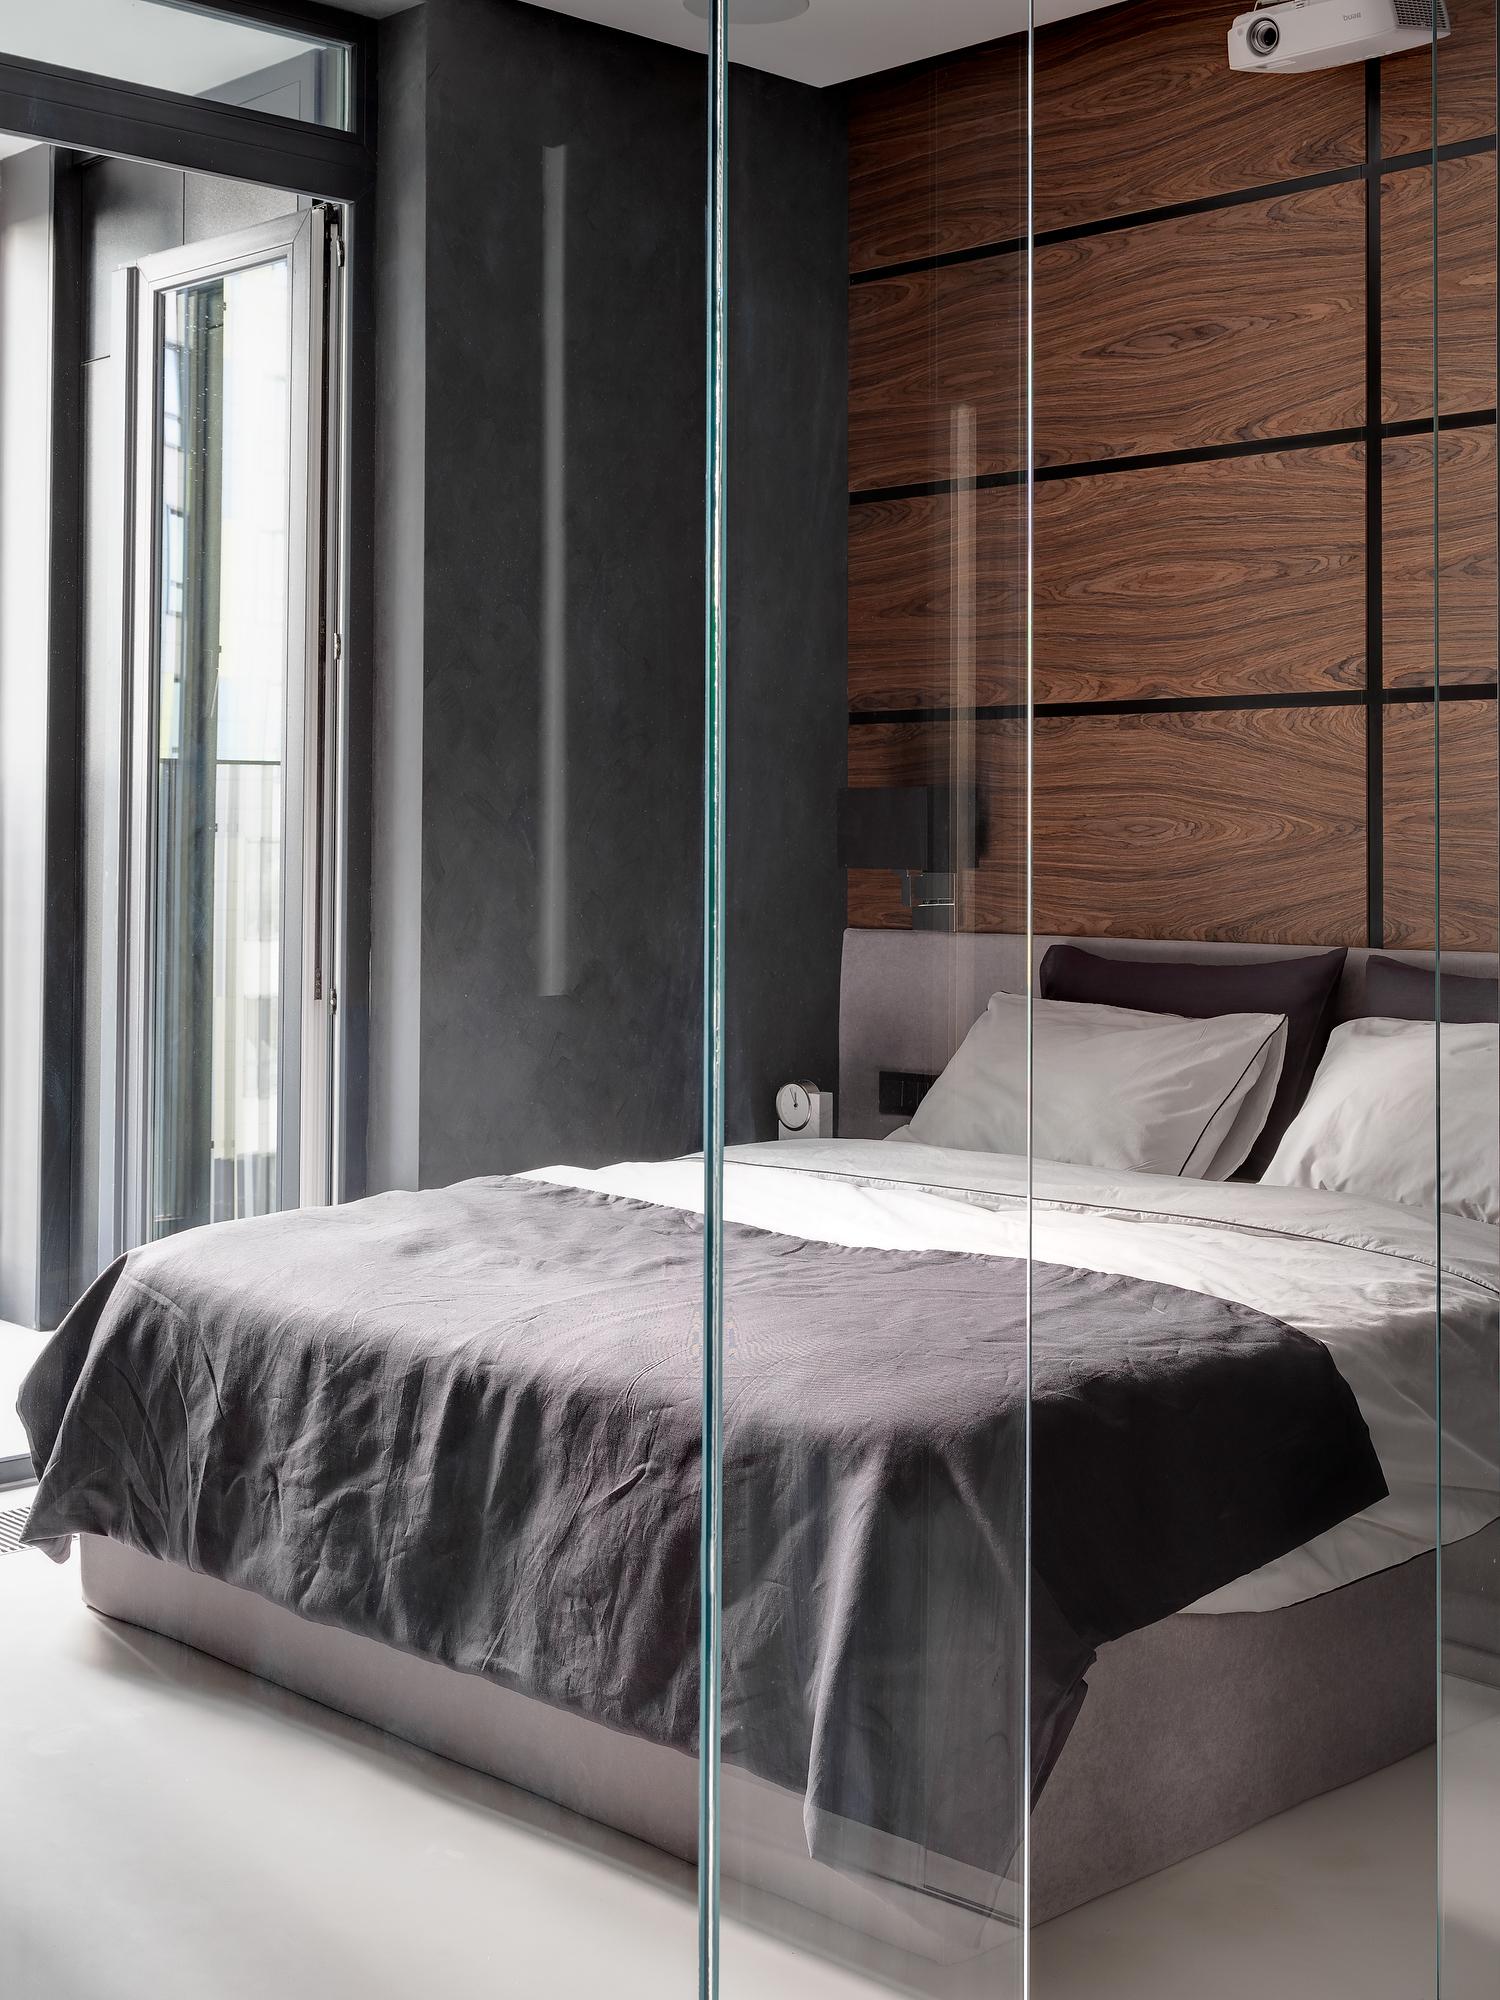 За стеклом, или как необычно обустроить спальню в квартире-студии